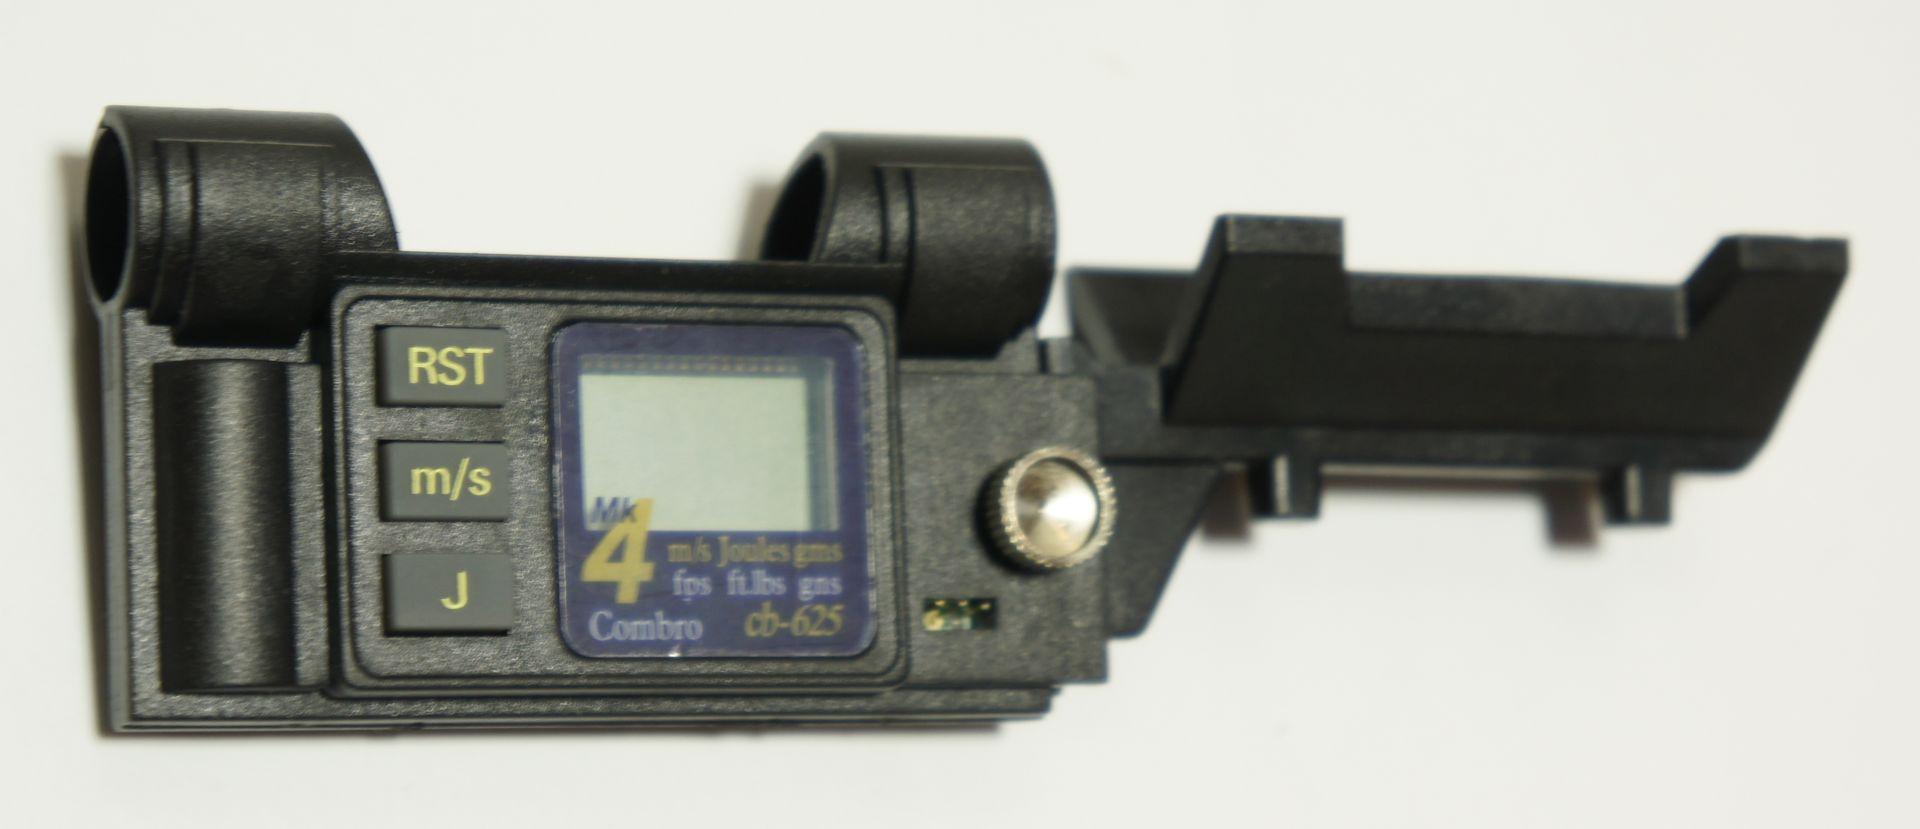 Combro 168 CB 625 Mk4